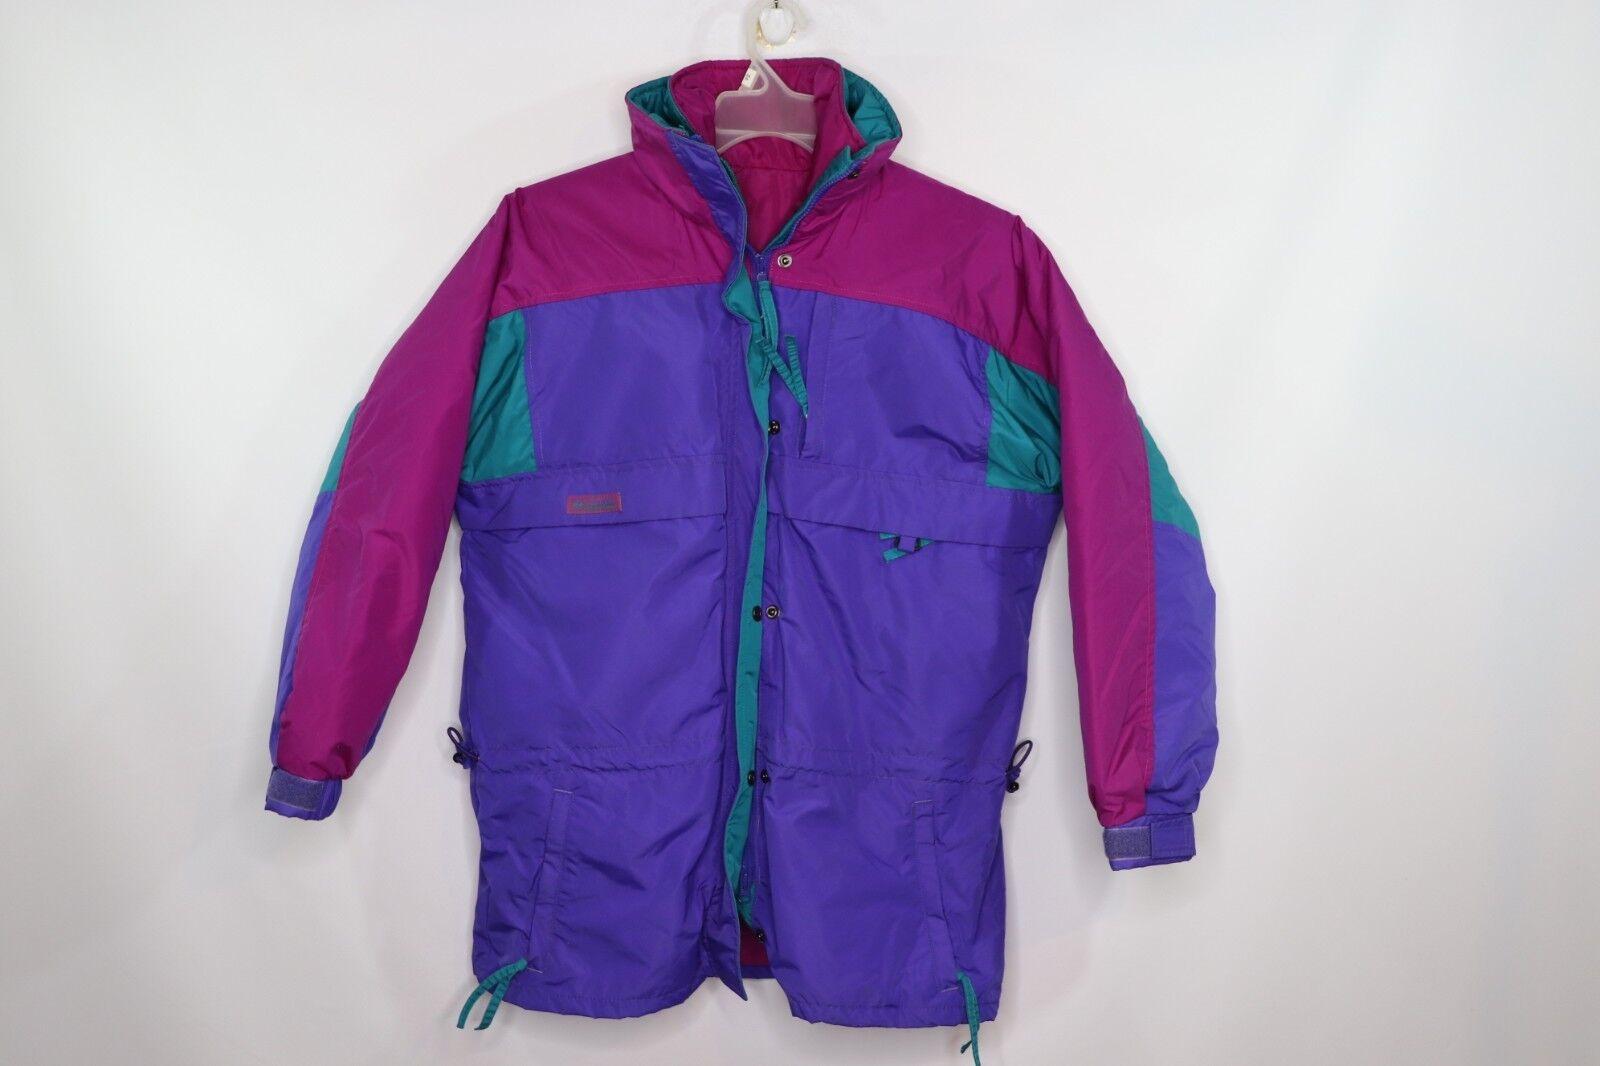 Vintage 90s nuevo Columbia para mujer medio Gizzmo  4 en 1 Parka Chaqueta De Invierno Púrpura  70% de descuento